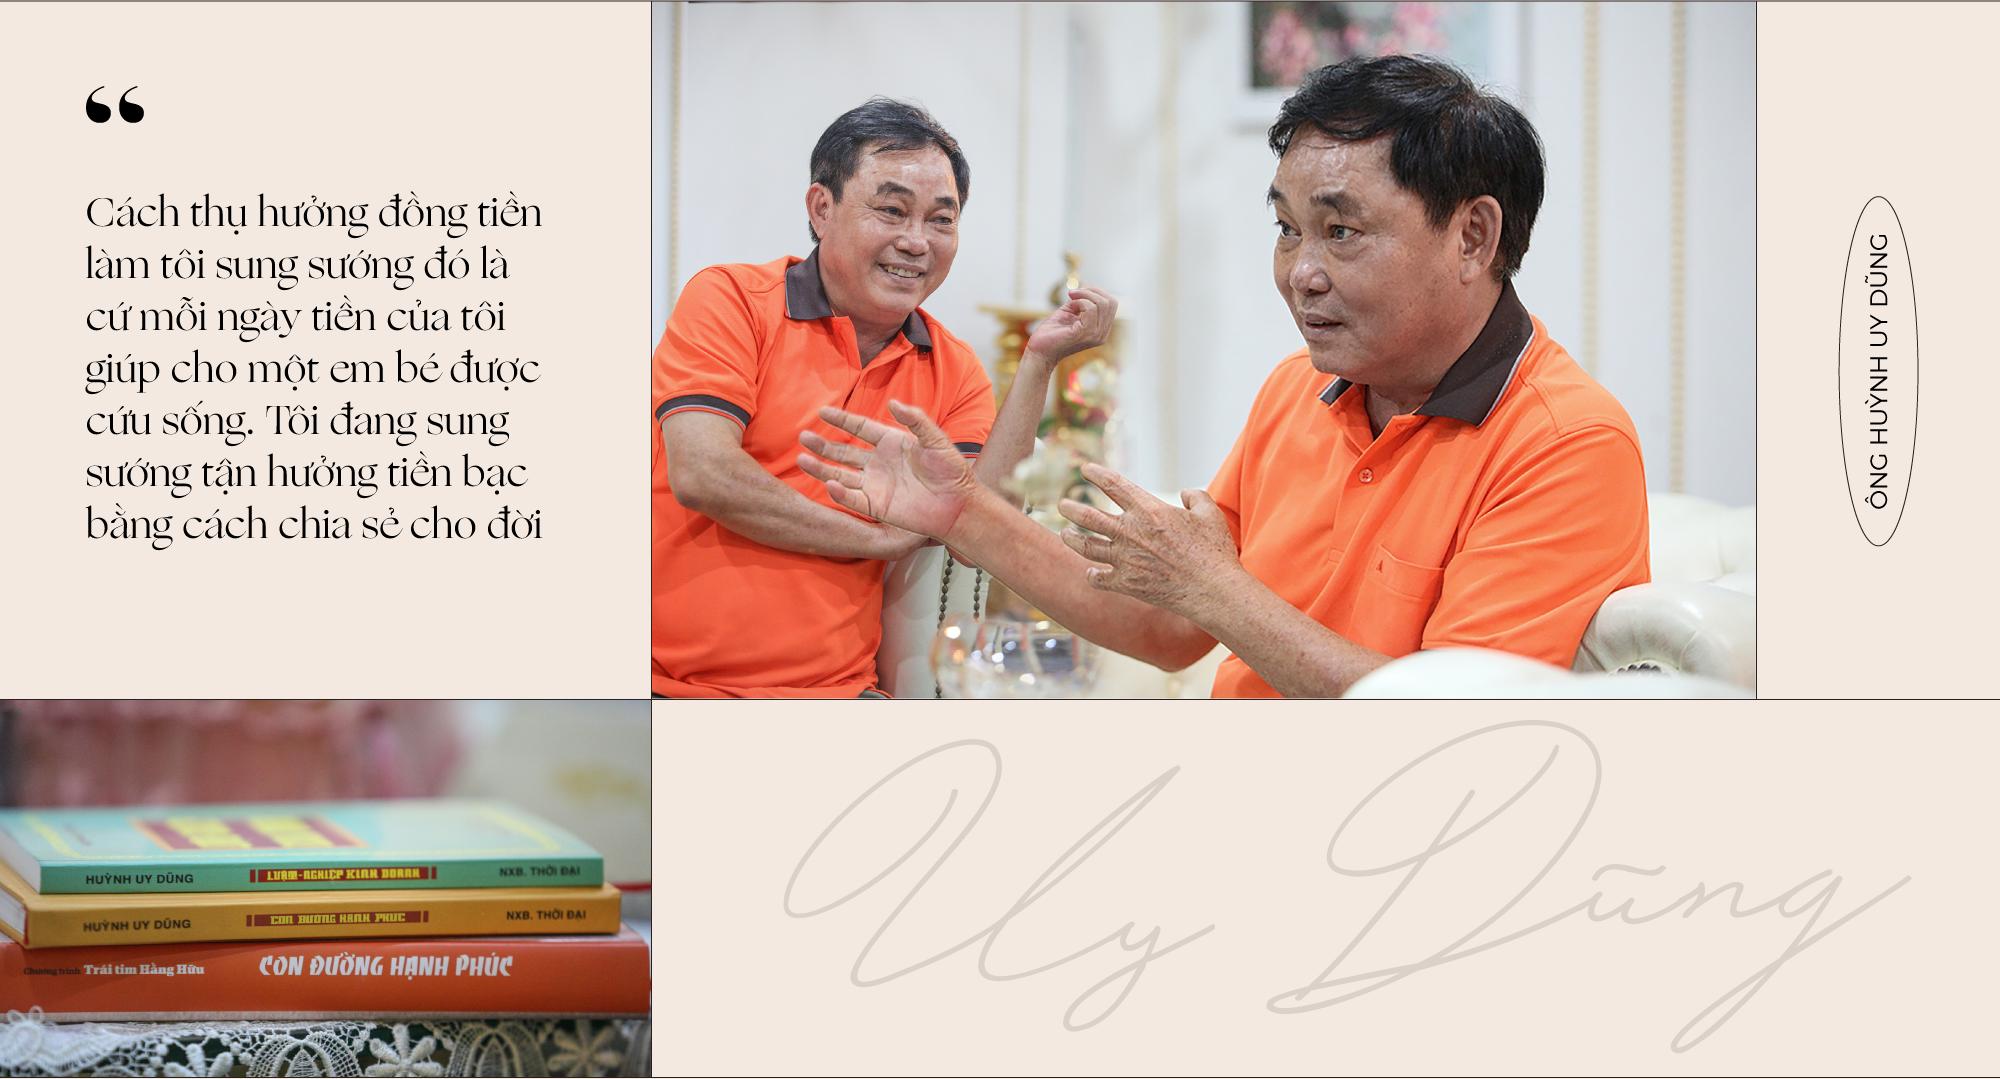 """Ông Huỳnh Uy Dũng: """"Sống được 30 năm nữa, mỗi năm tôi sẽ bán đi một vài tài sản, chia hết cho đời"""" - Ảnh 13."""